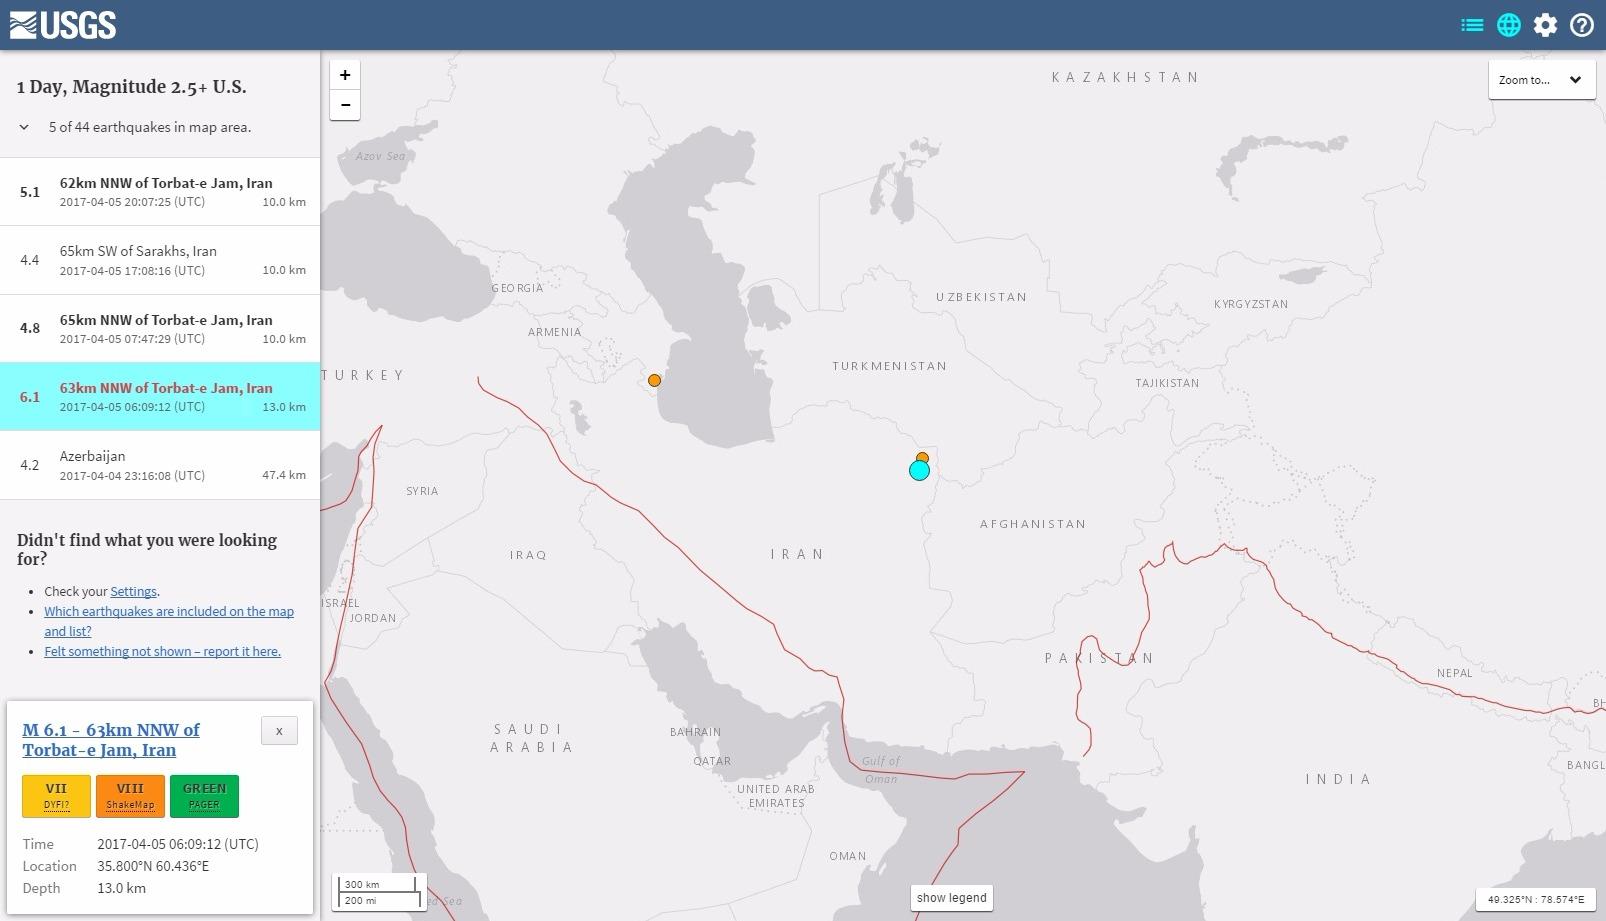 【USGS】イランでM6.1の地震発生…M5クラスの余震も相次ぐ